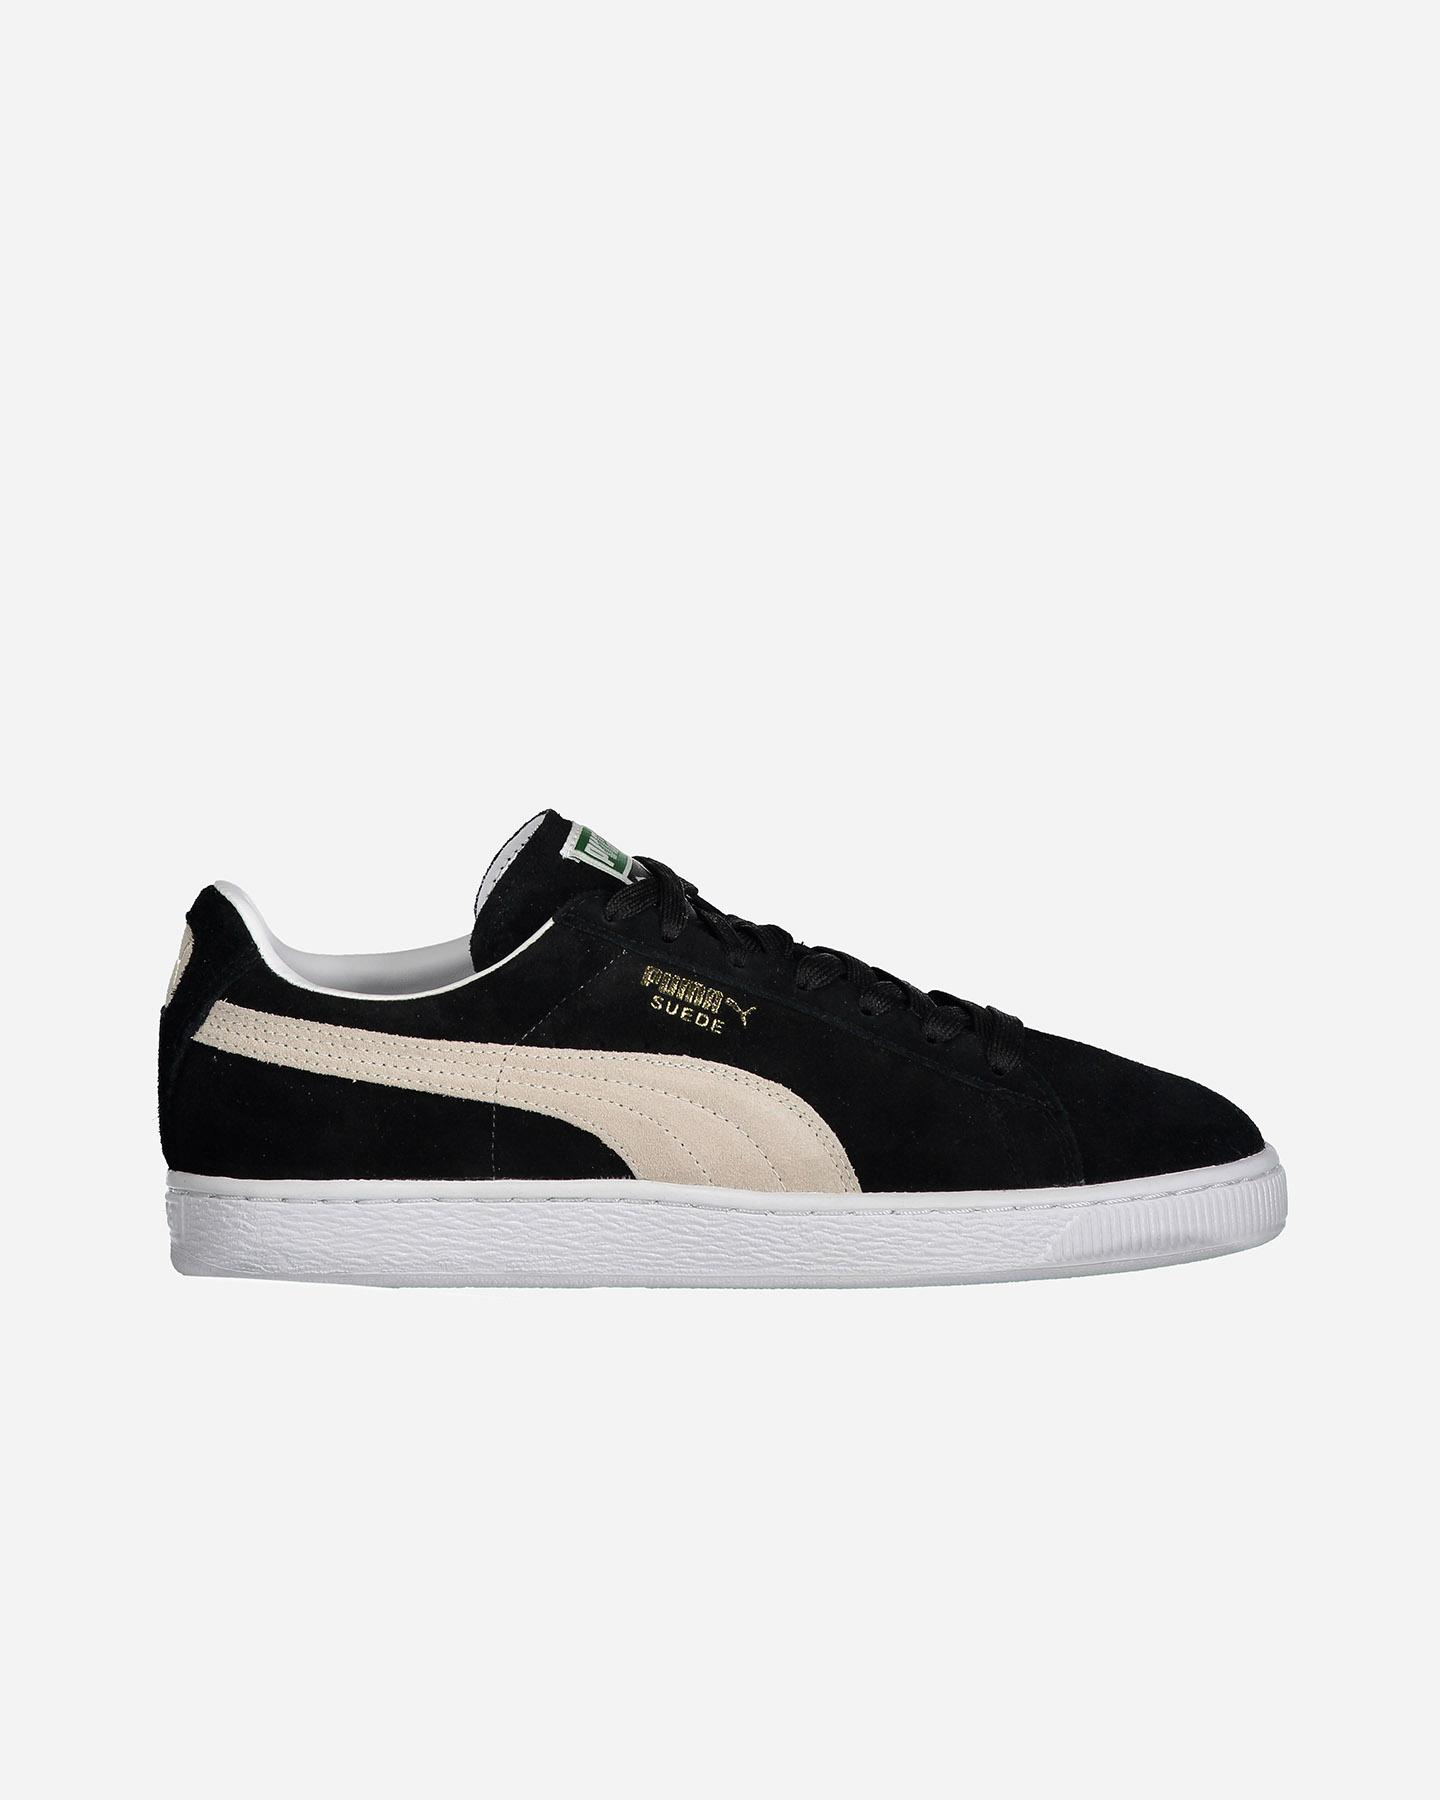 352634 075 Suede Puma Scarpe M Sneakers Cisalfa Sport Su Classic cIdqtq